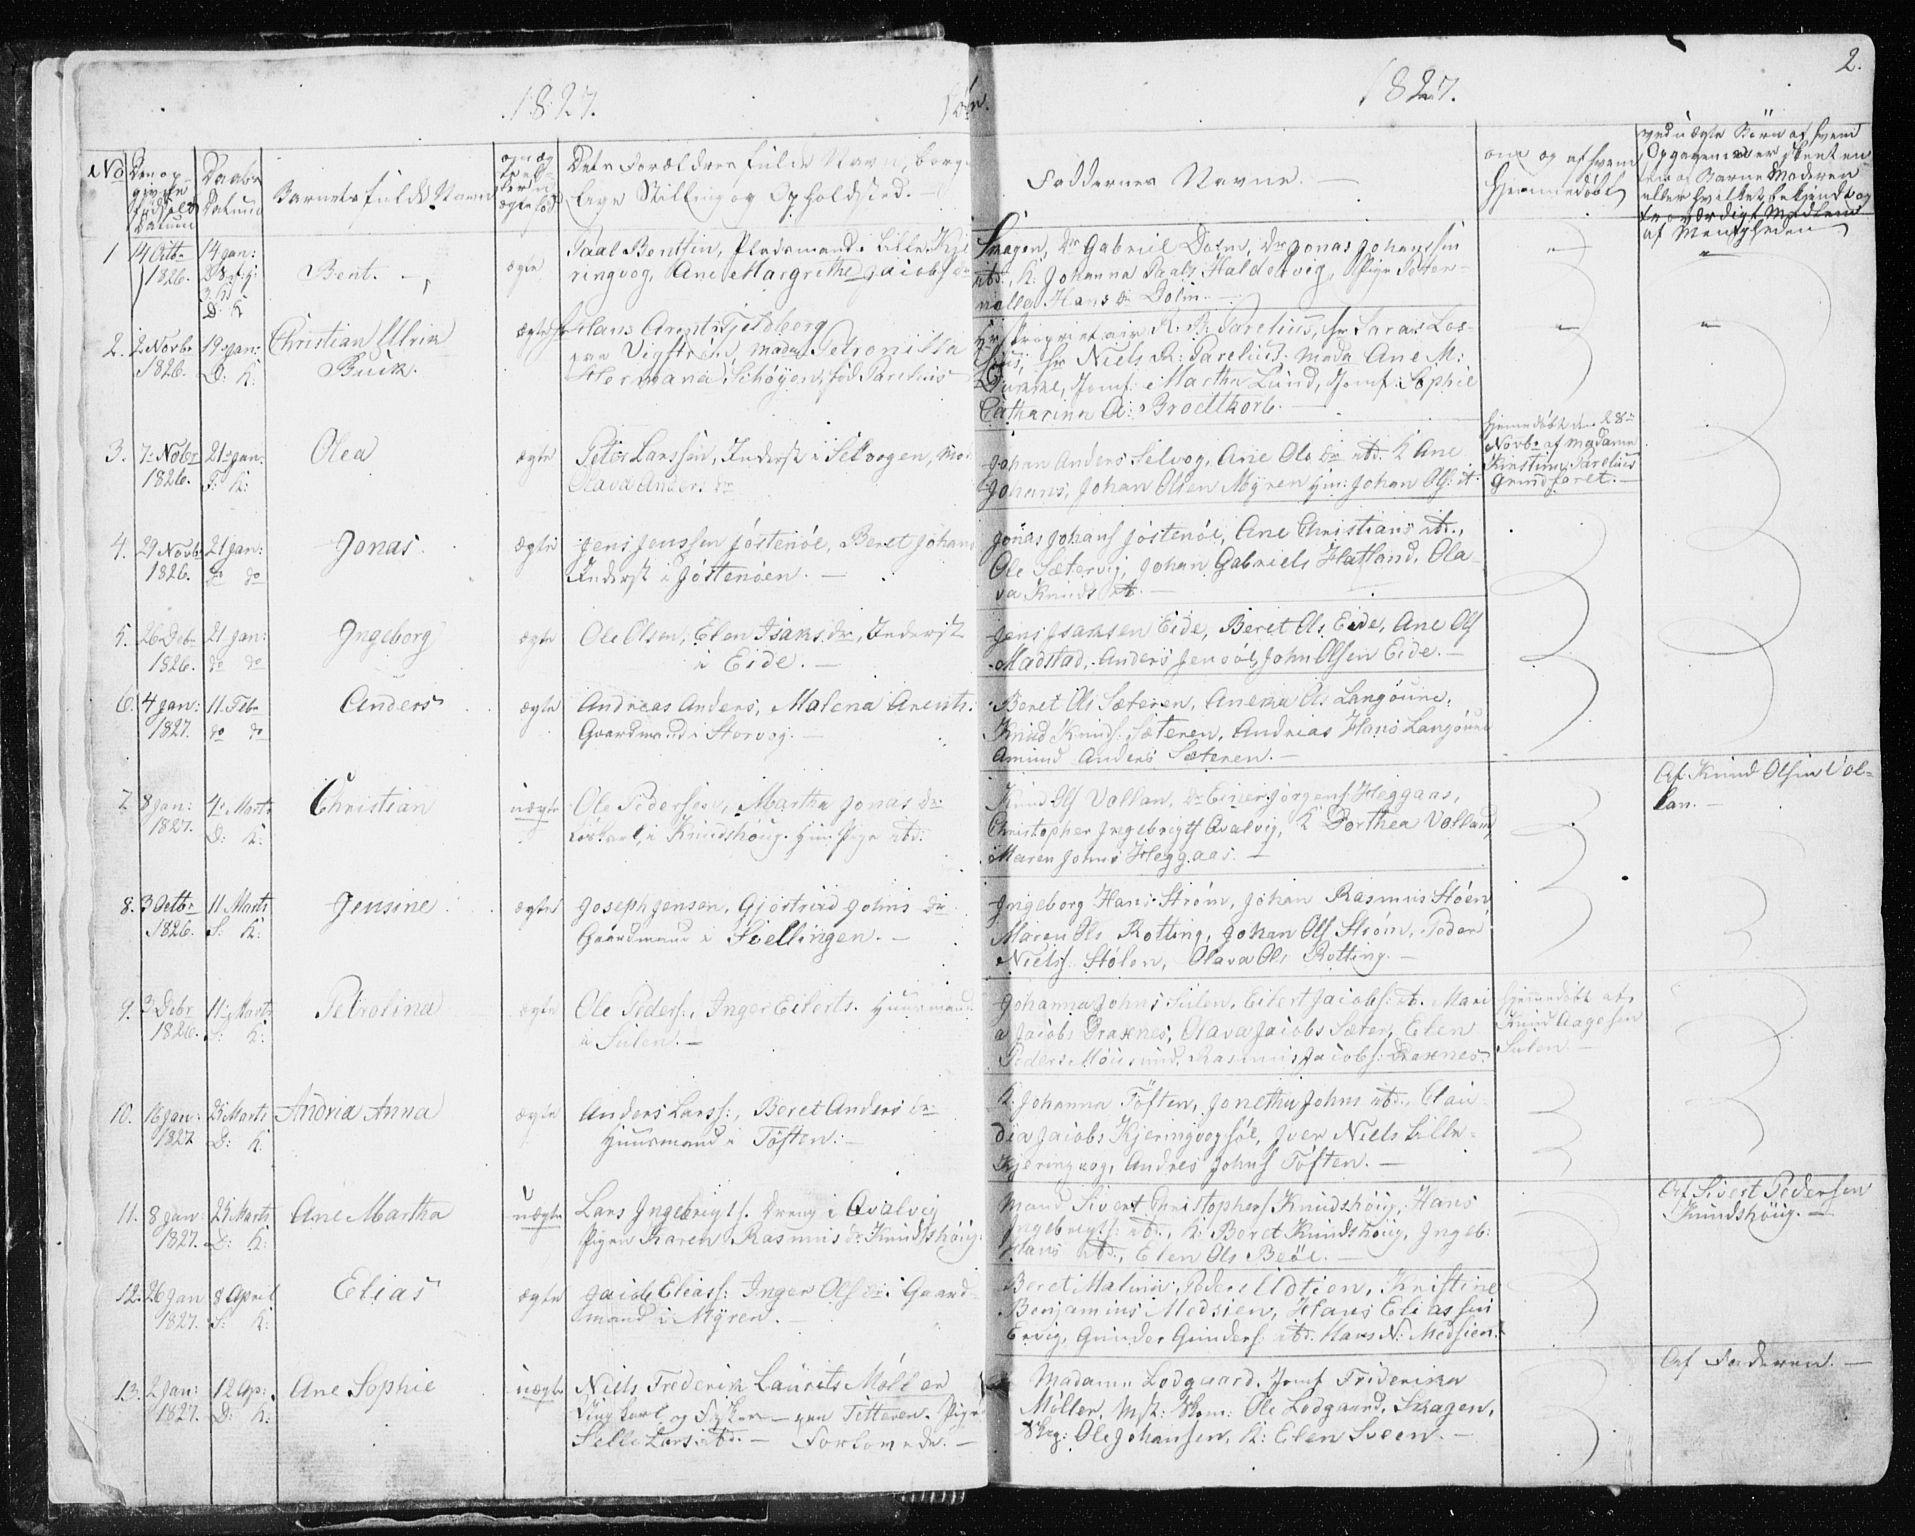 SAT, Ministerialprotokoller, klokkerbøker og fødselsregistre - Sør-Trøndelag, 634/L0528: Ministerialbok nr. 634A04, 1827-1842, s. 2